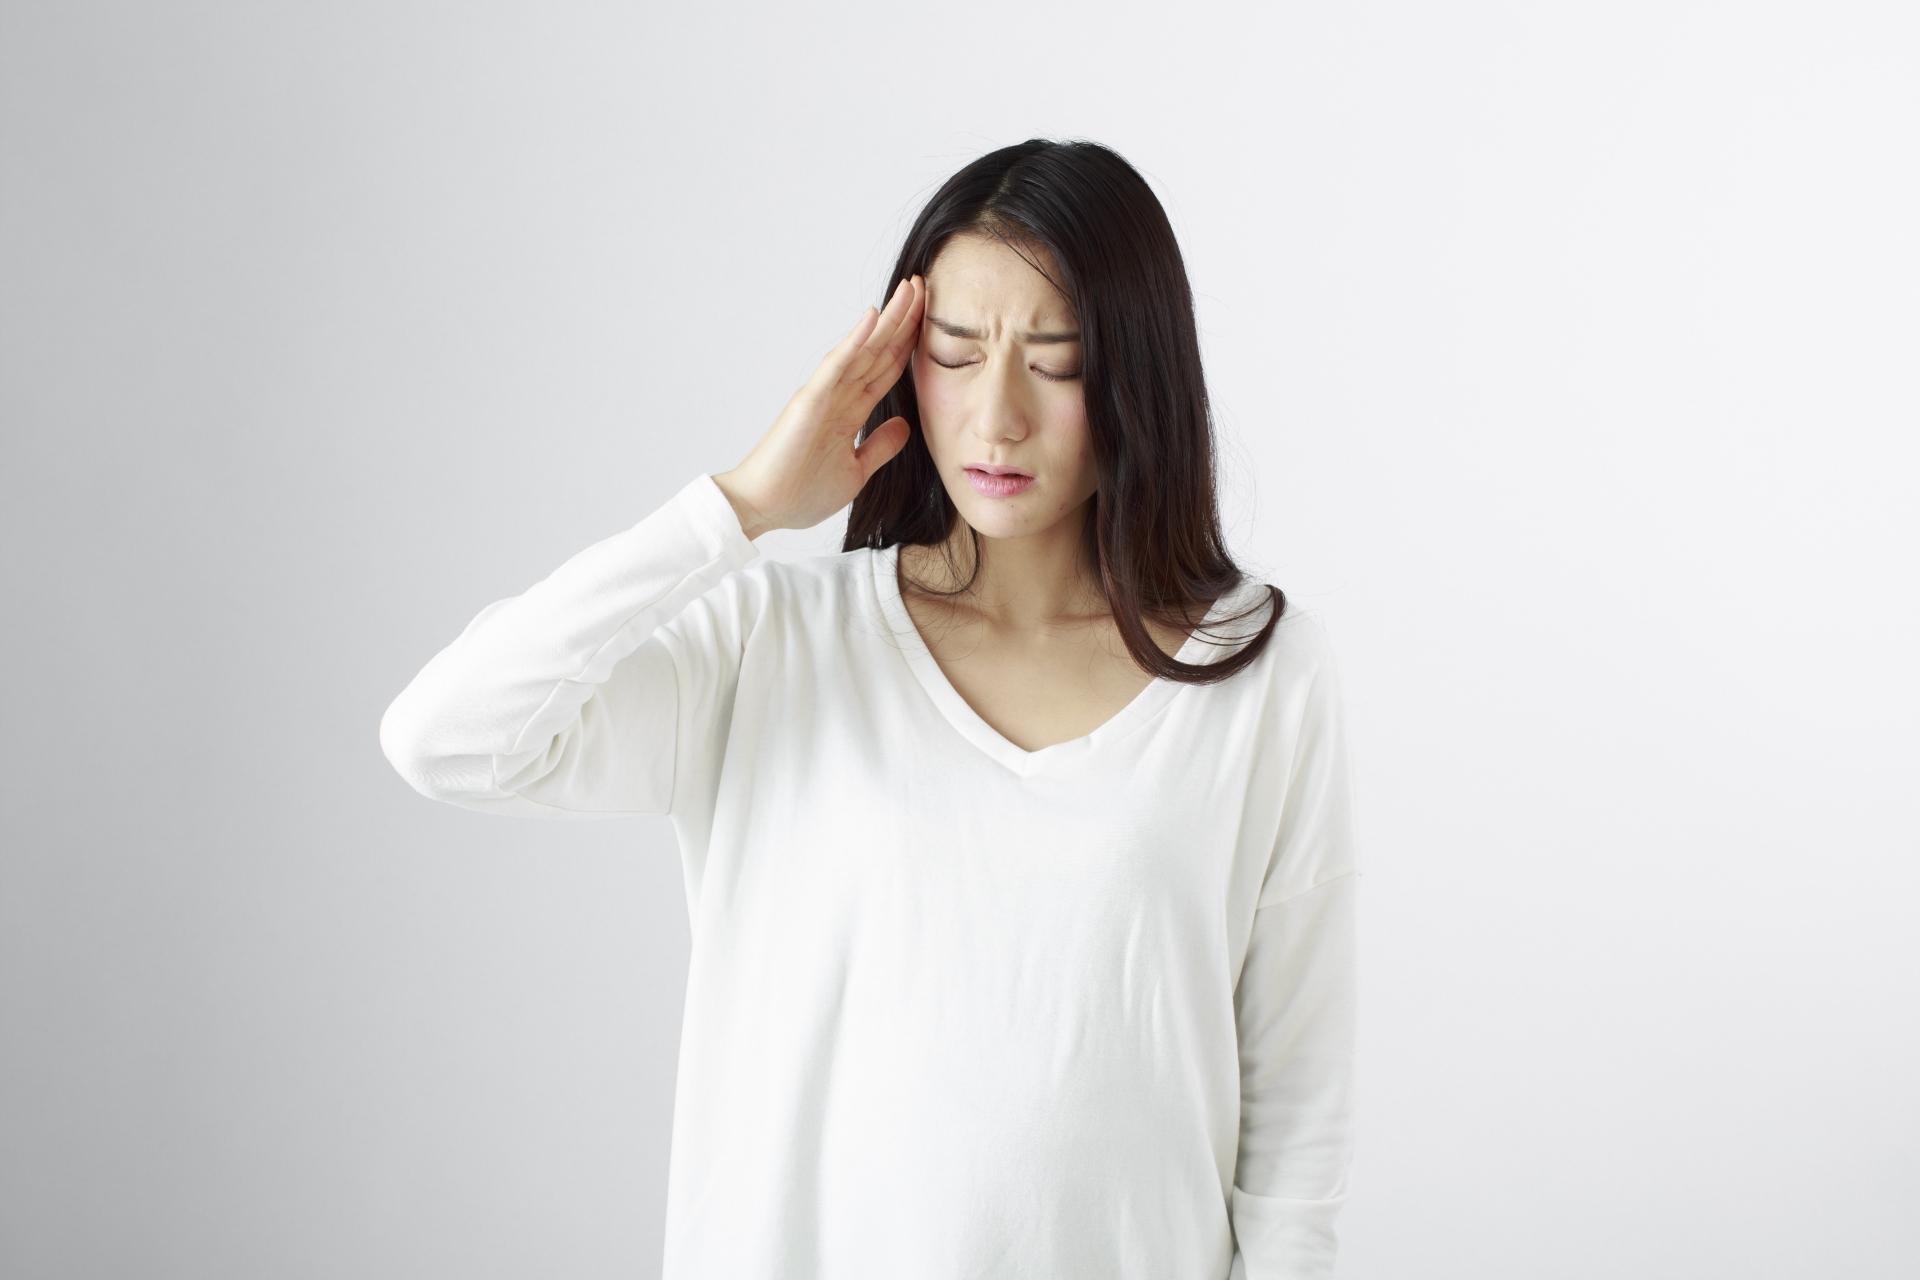 しつこい偏頭痛は咬み合わせが原因かも?